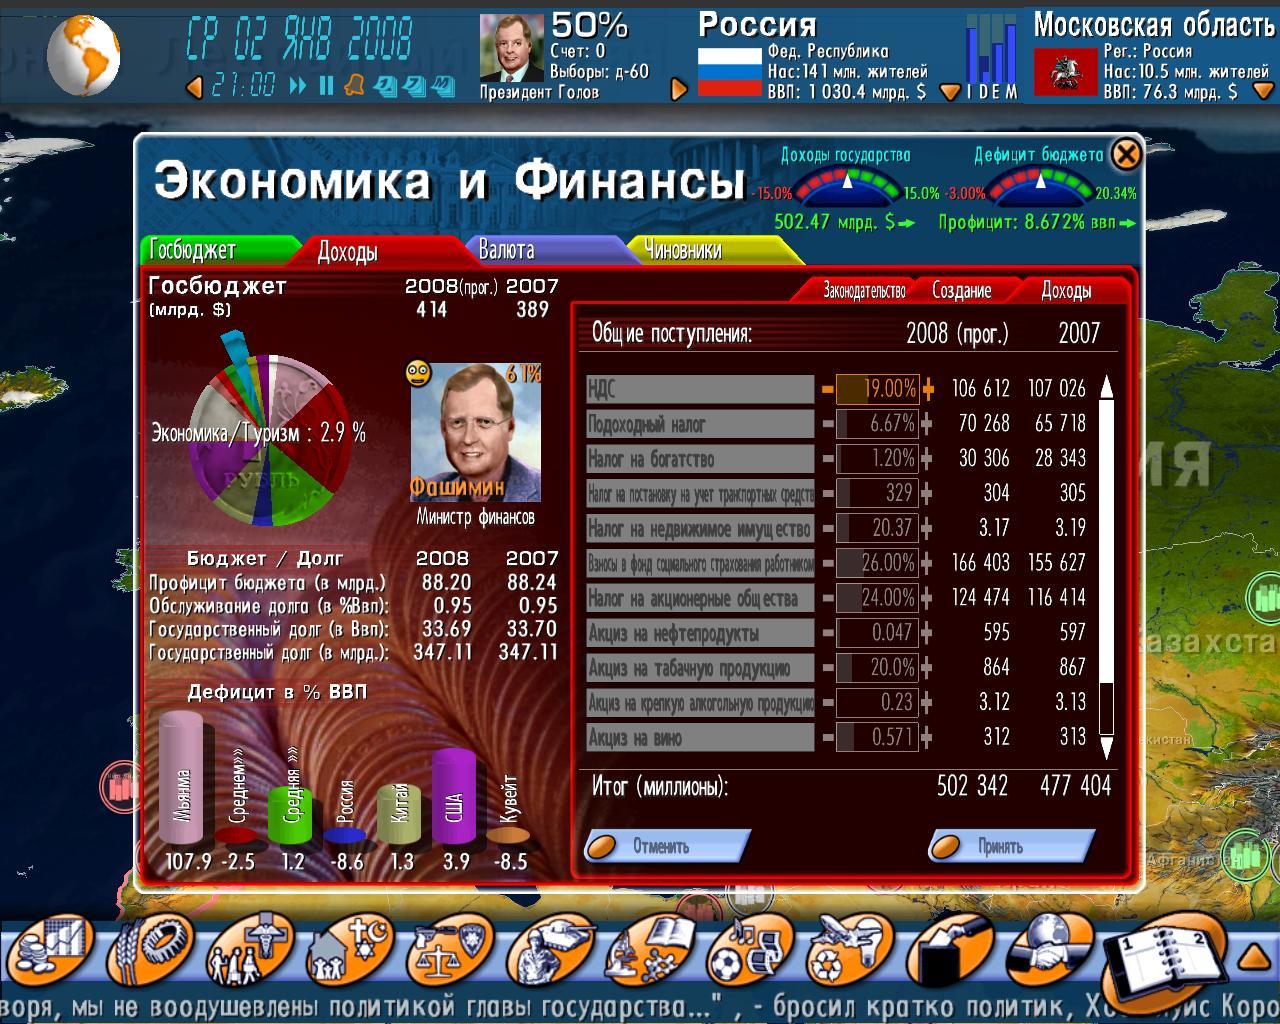 Игра Выборы-2008 Геополитический Симулятор